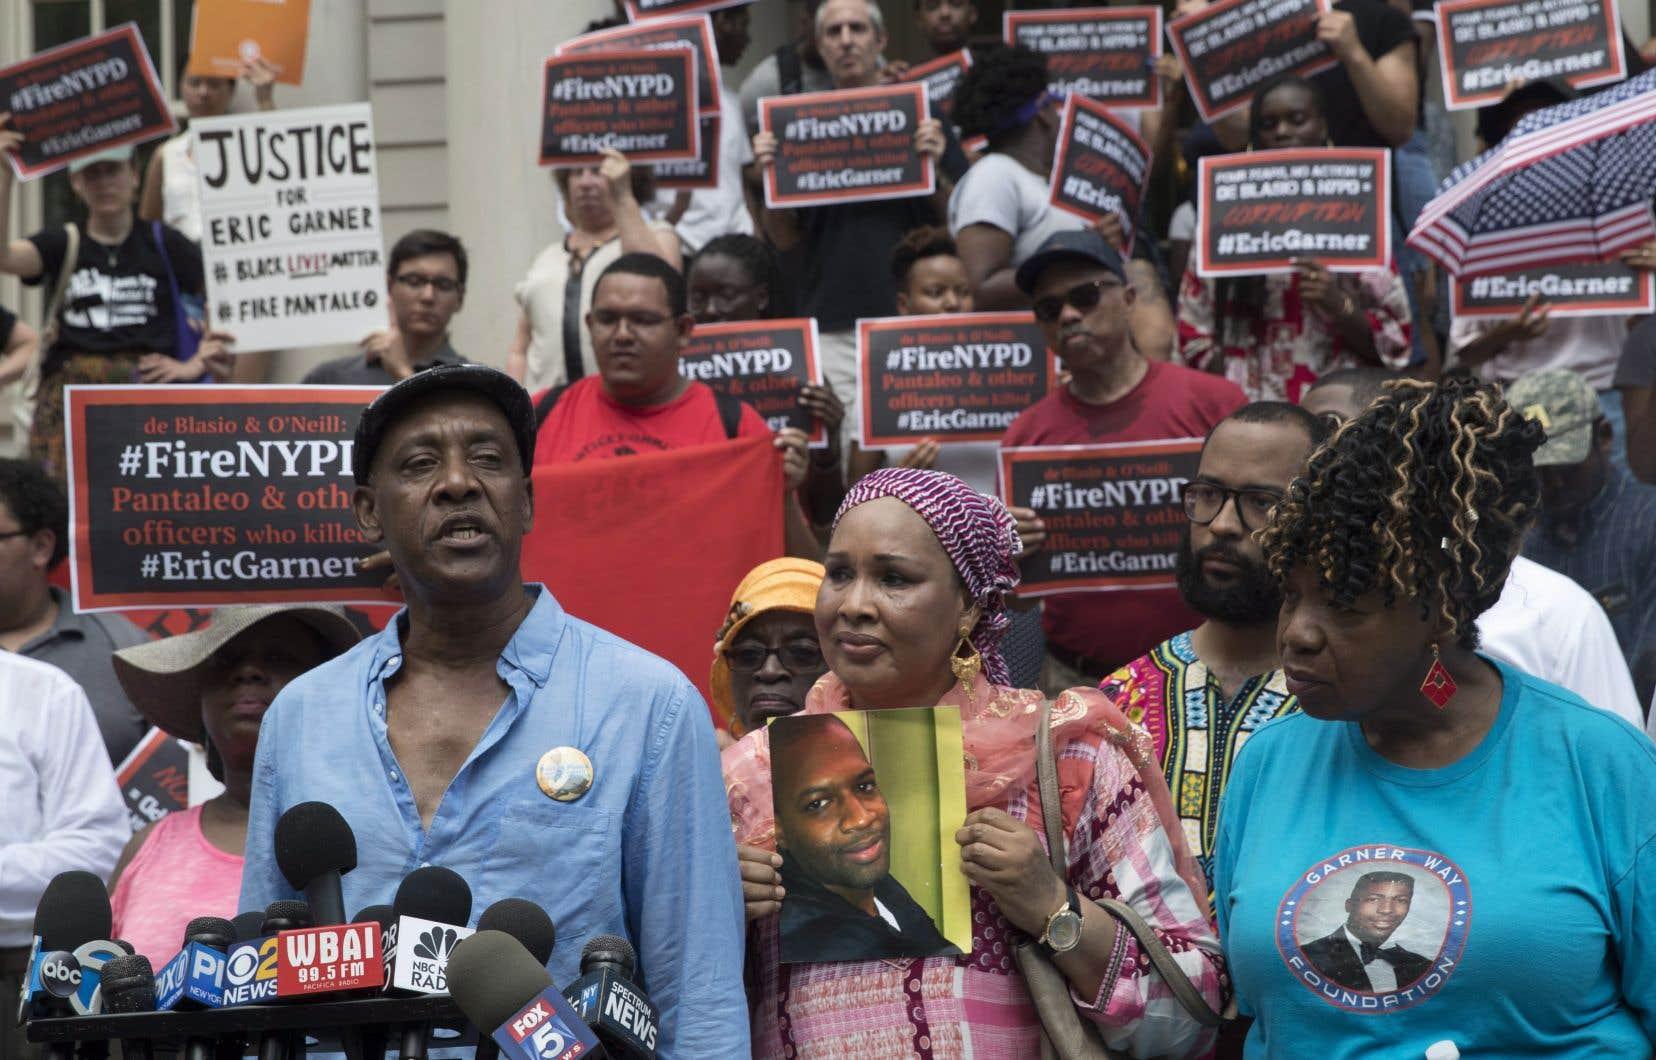 Les proches d'Eric Garner et de Mohamed Bah, deux hommes noirs tués lors d'interventions policières, ont prononcé un discours à New York, mardi.